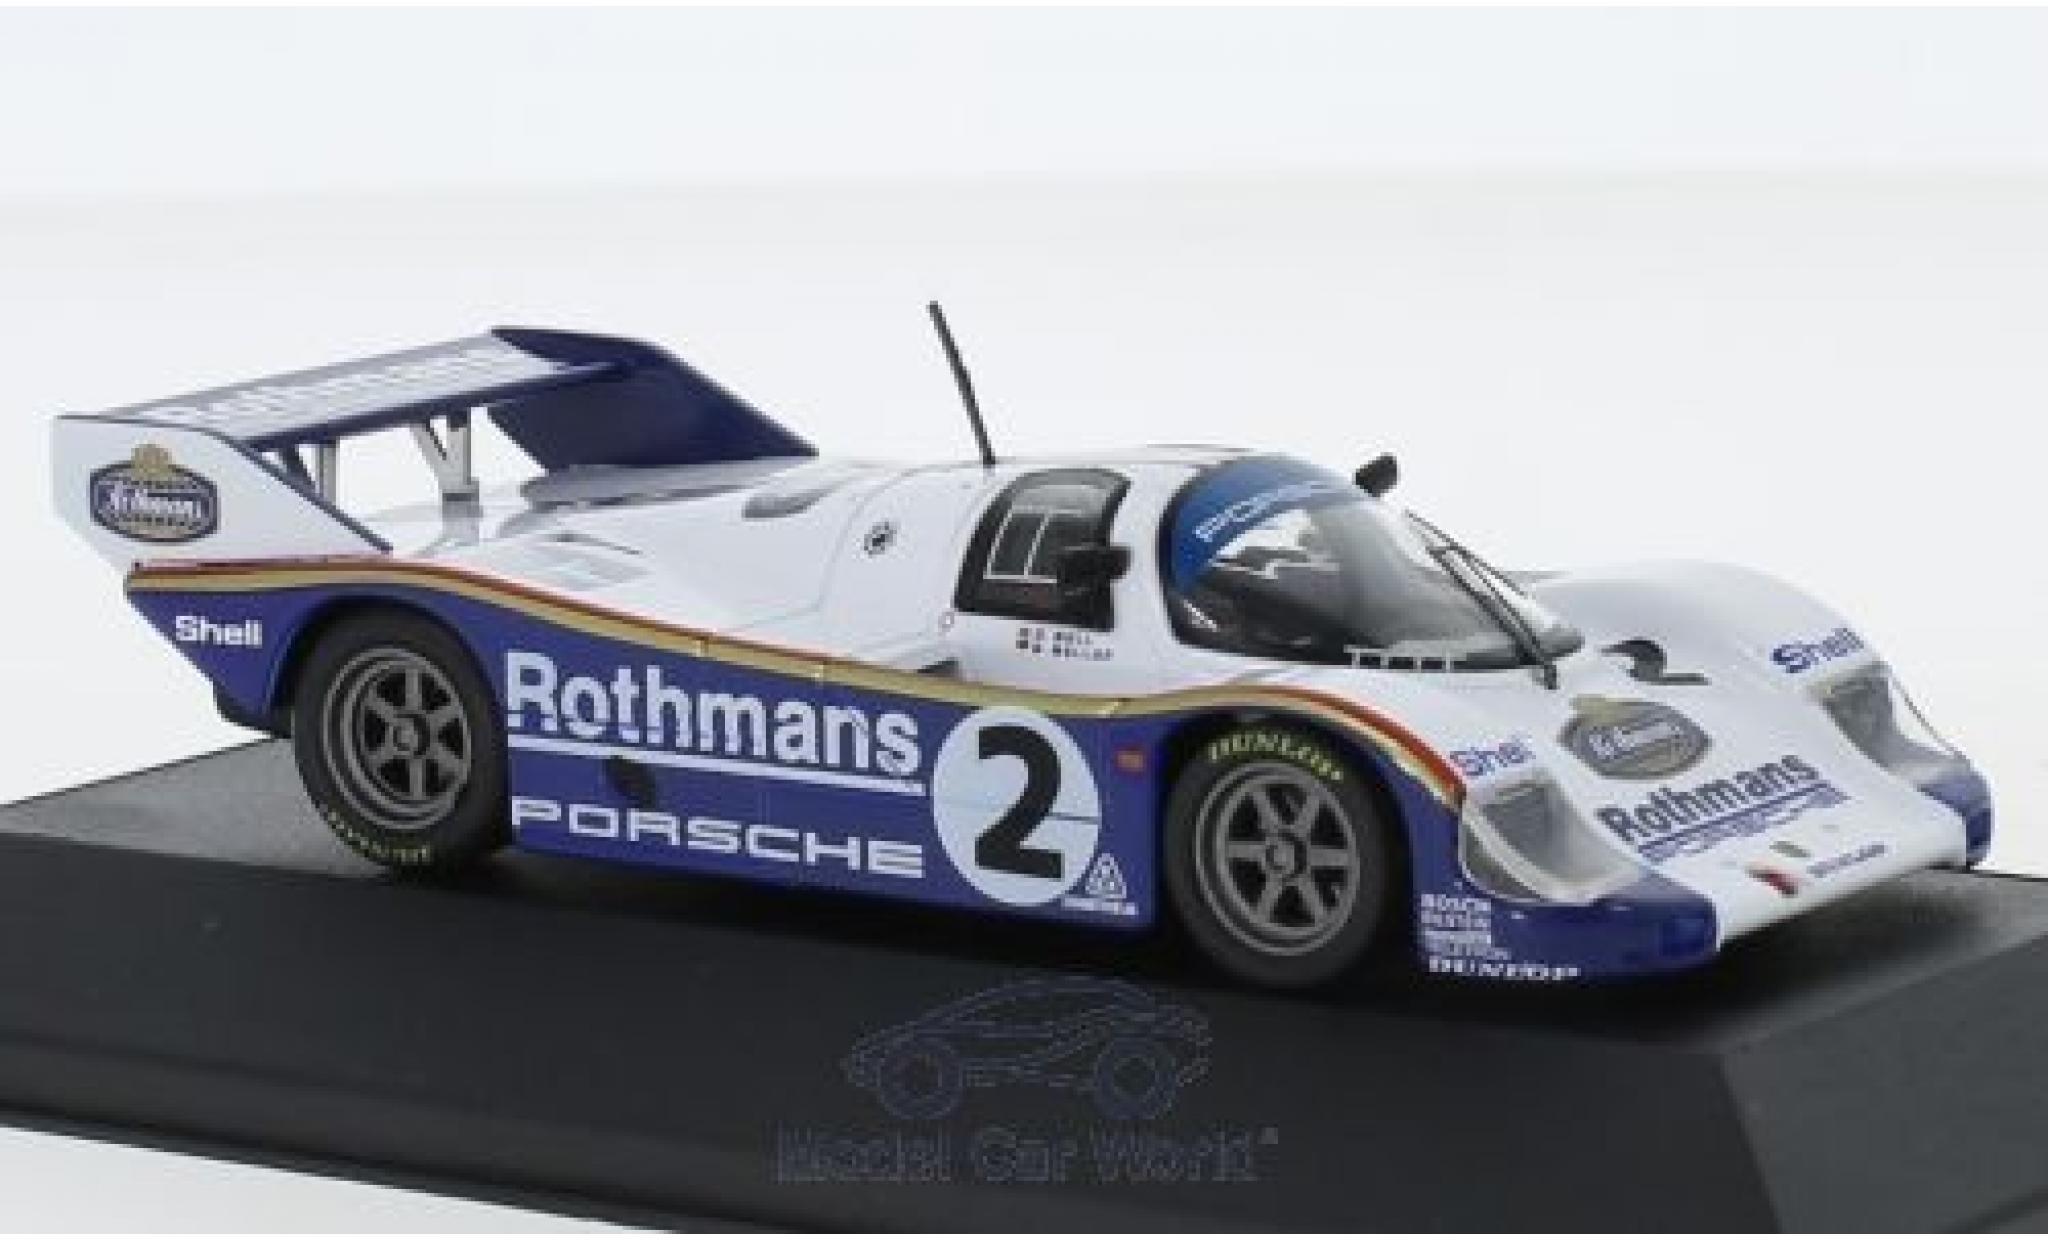 Porsche 956 1984 1/43 CMR K No.2 Rothmans 1000 Km Sandown Park S.Bellof/D.Bell